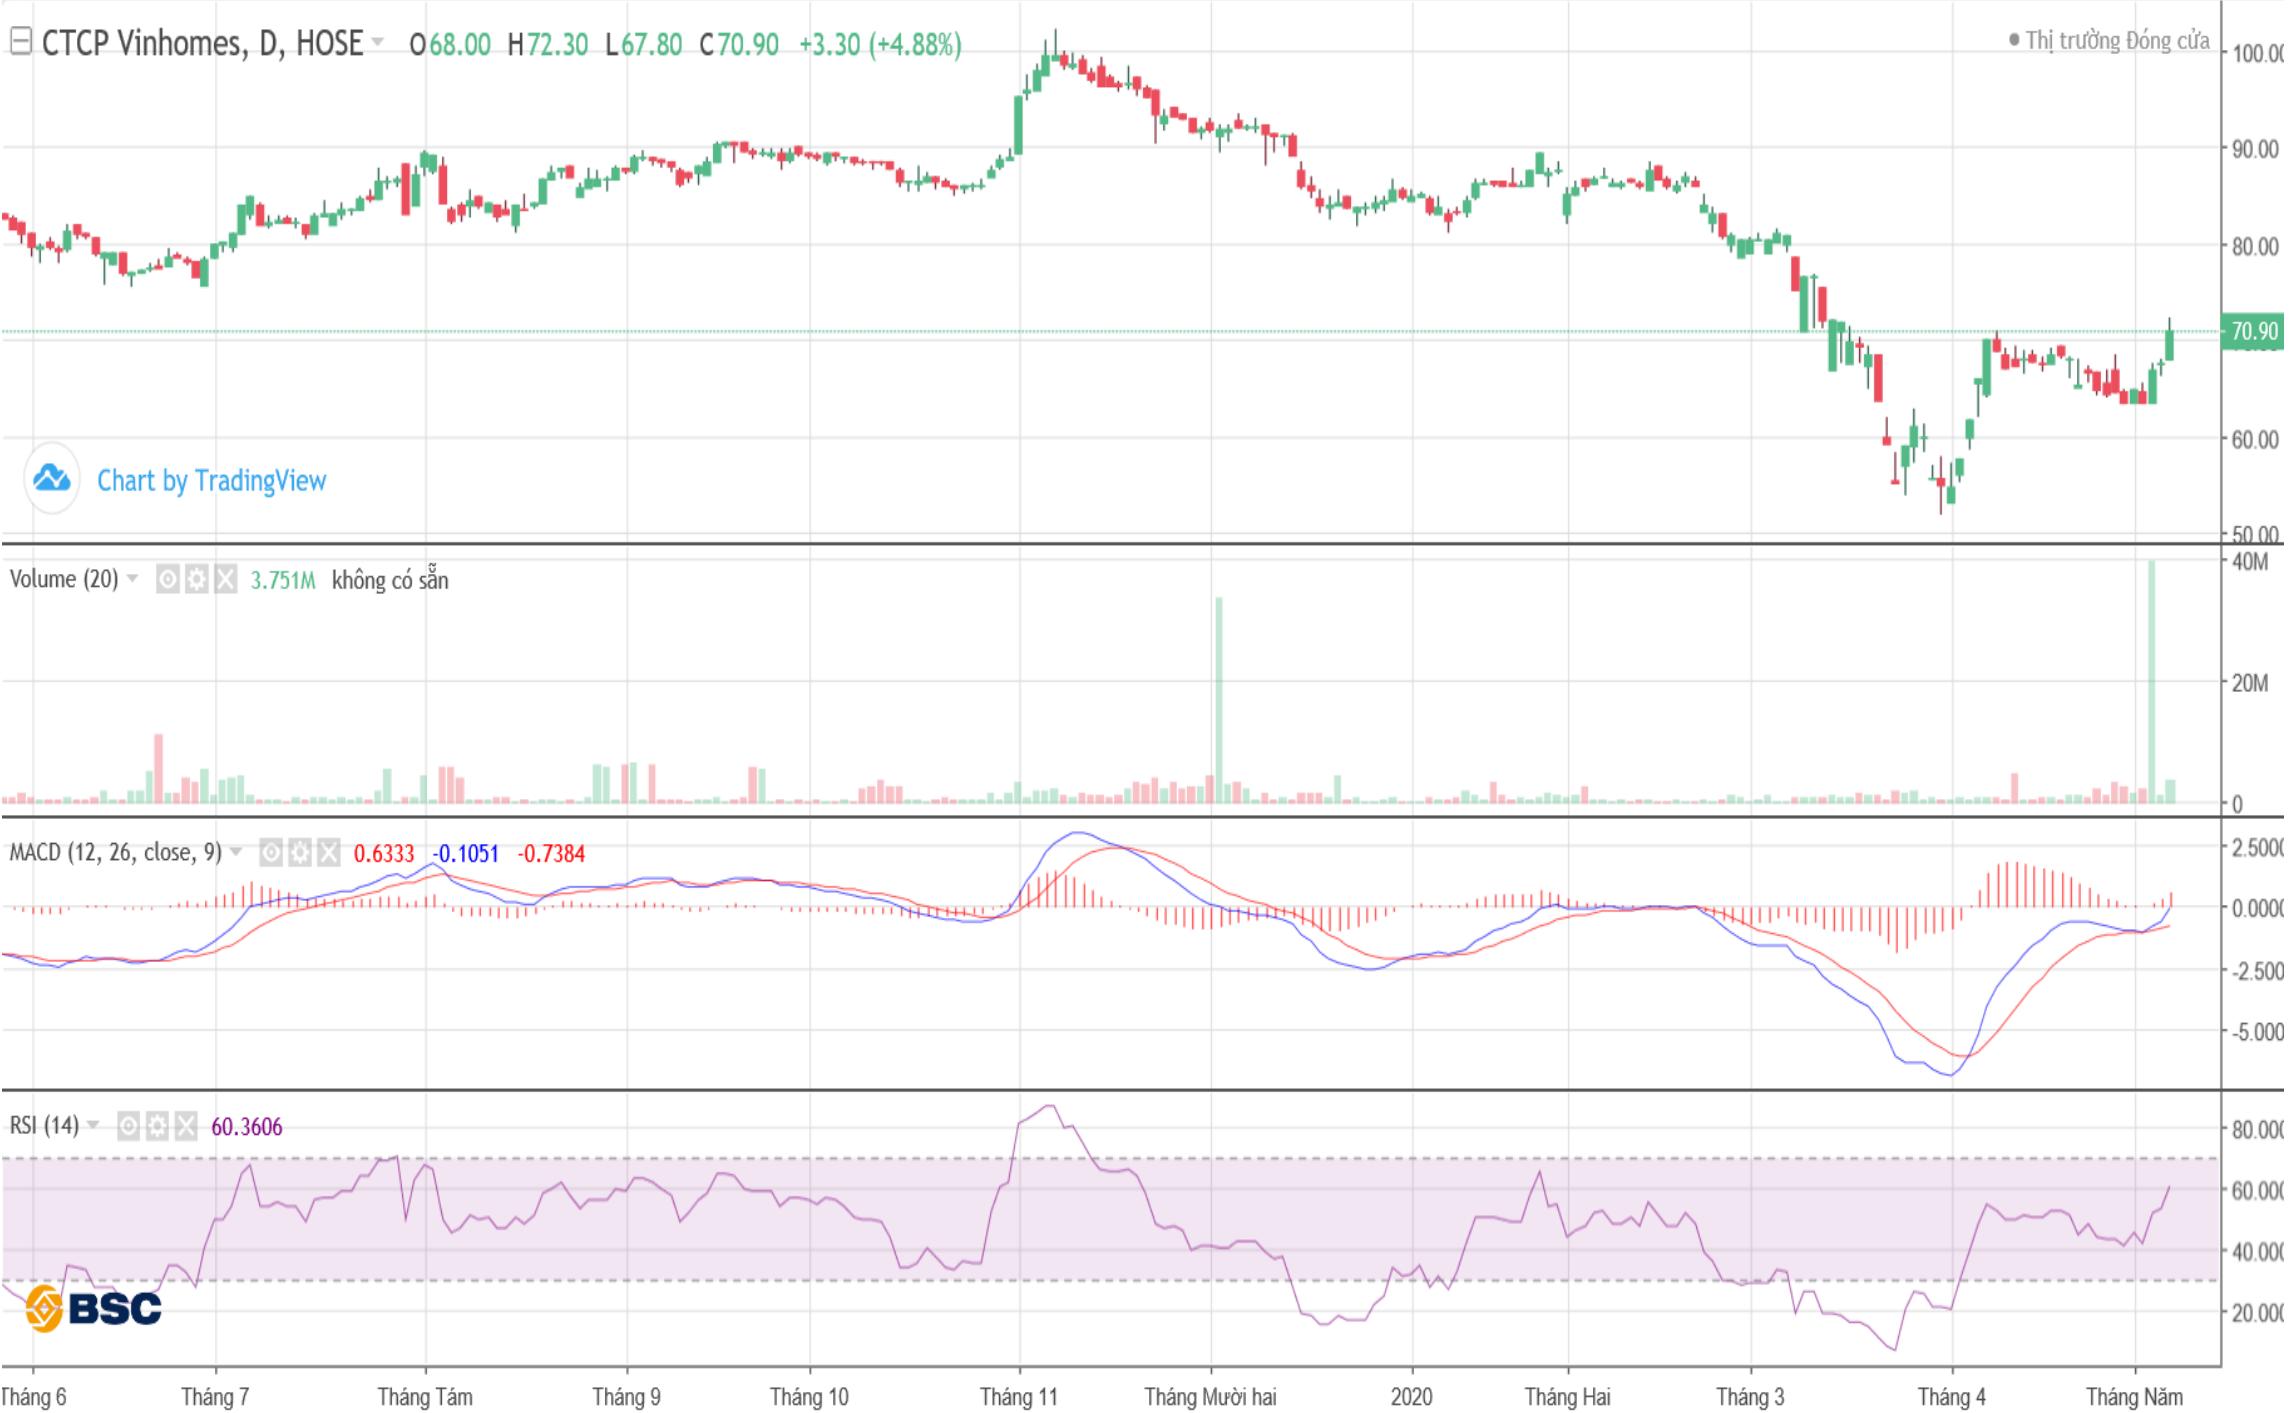 Cổ phiếu tâm điểm ngày 11/5: VCB, TCB, VHM, BCE - Ảnh 4.